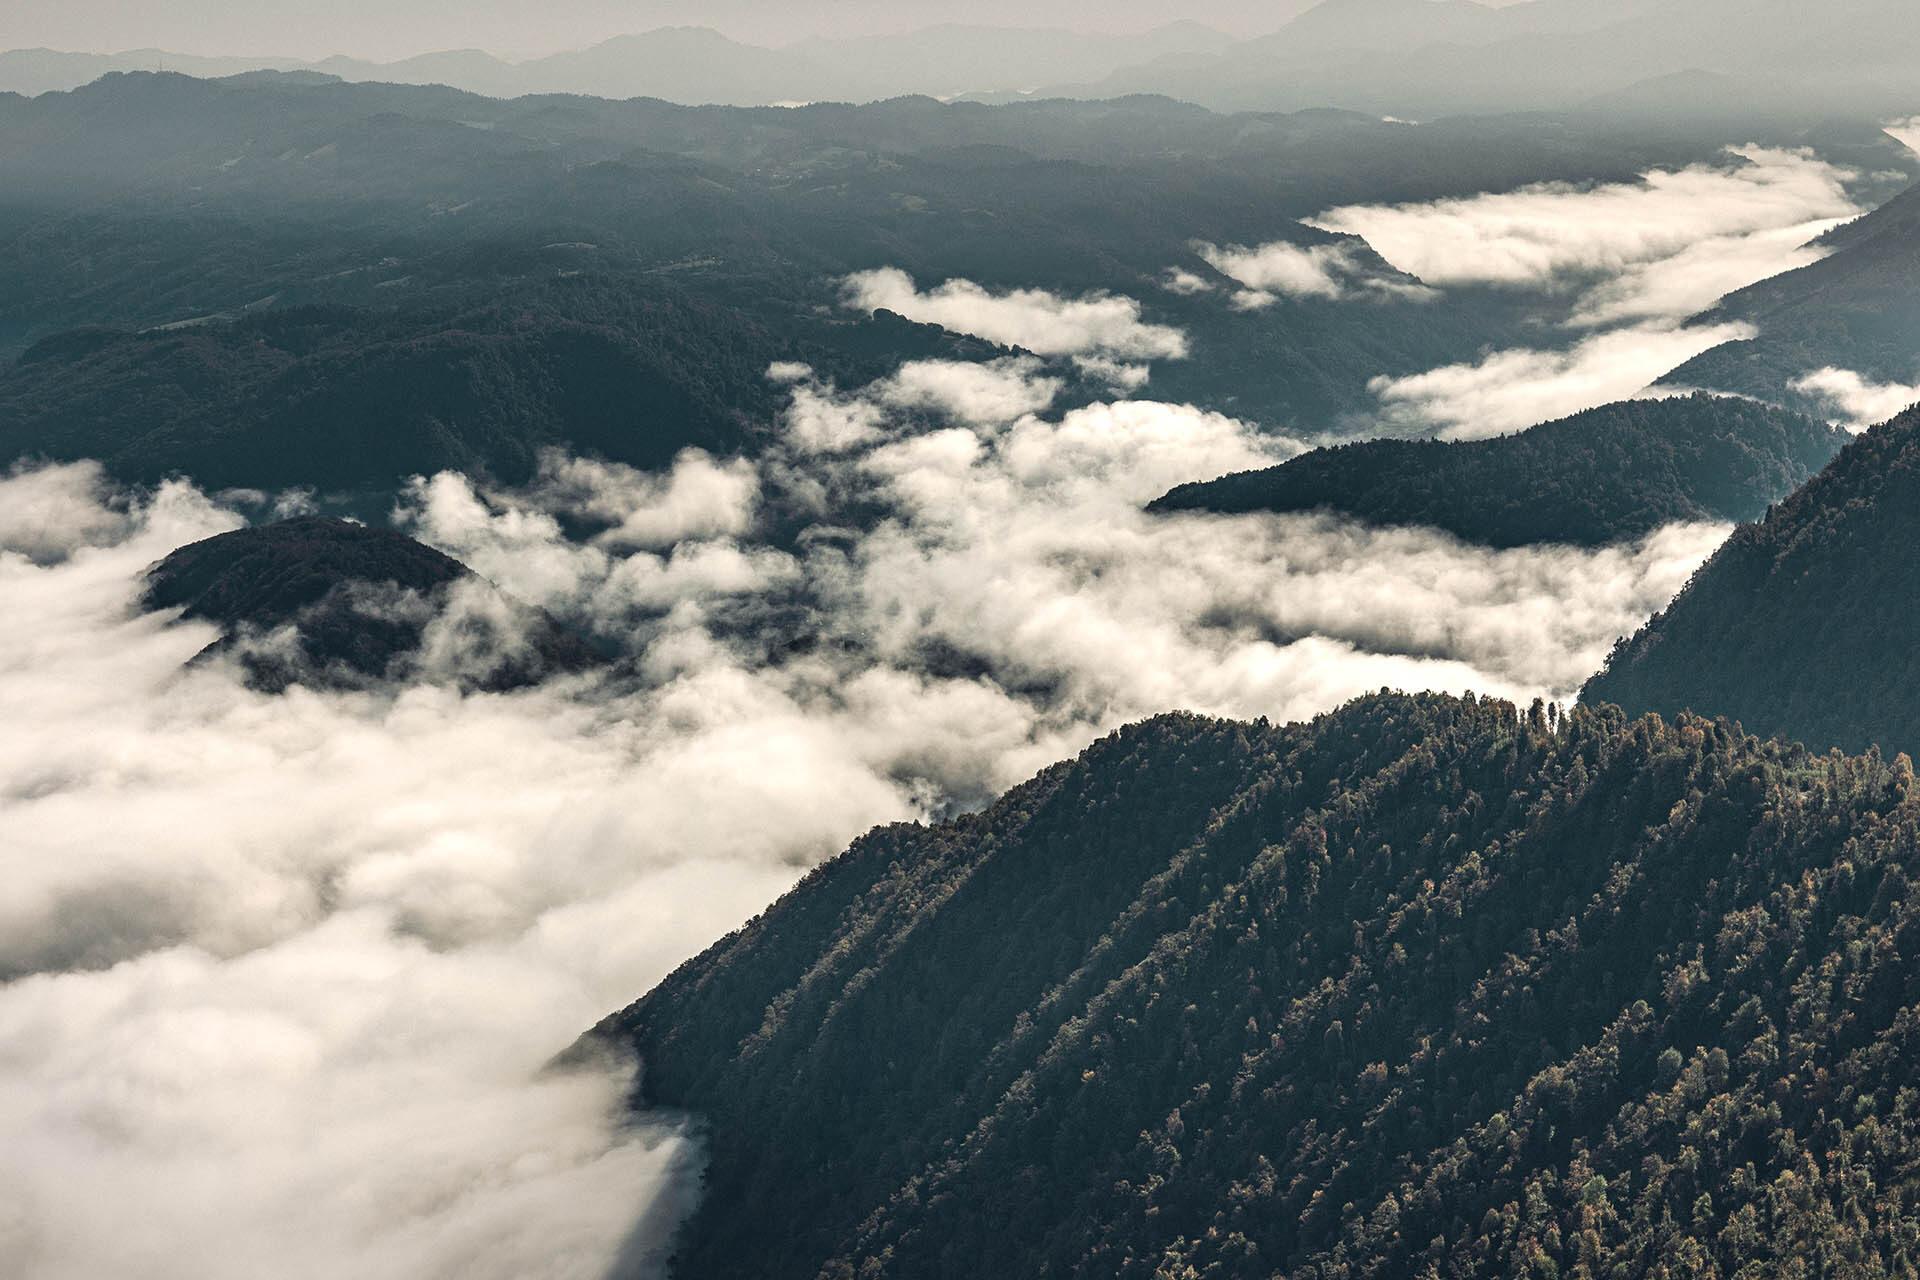 Ueber den Wolken Sloweniens